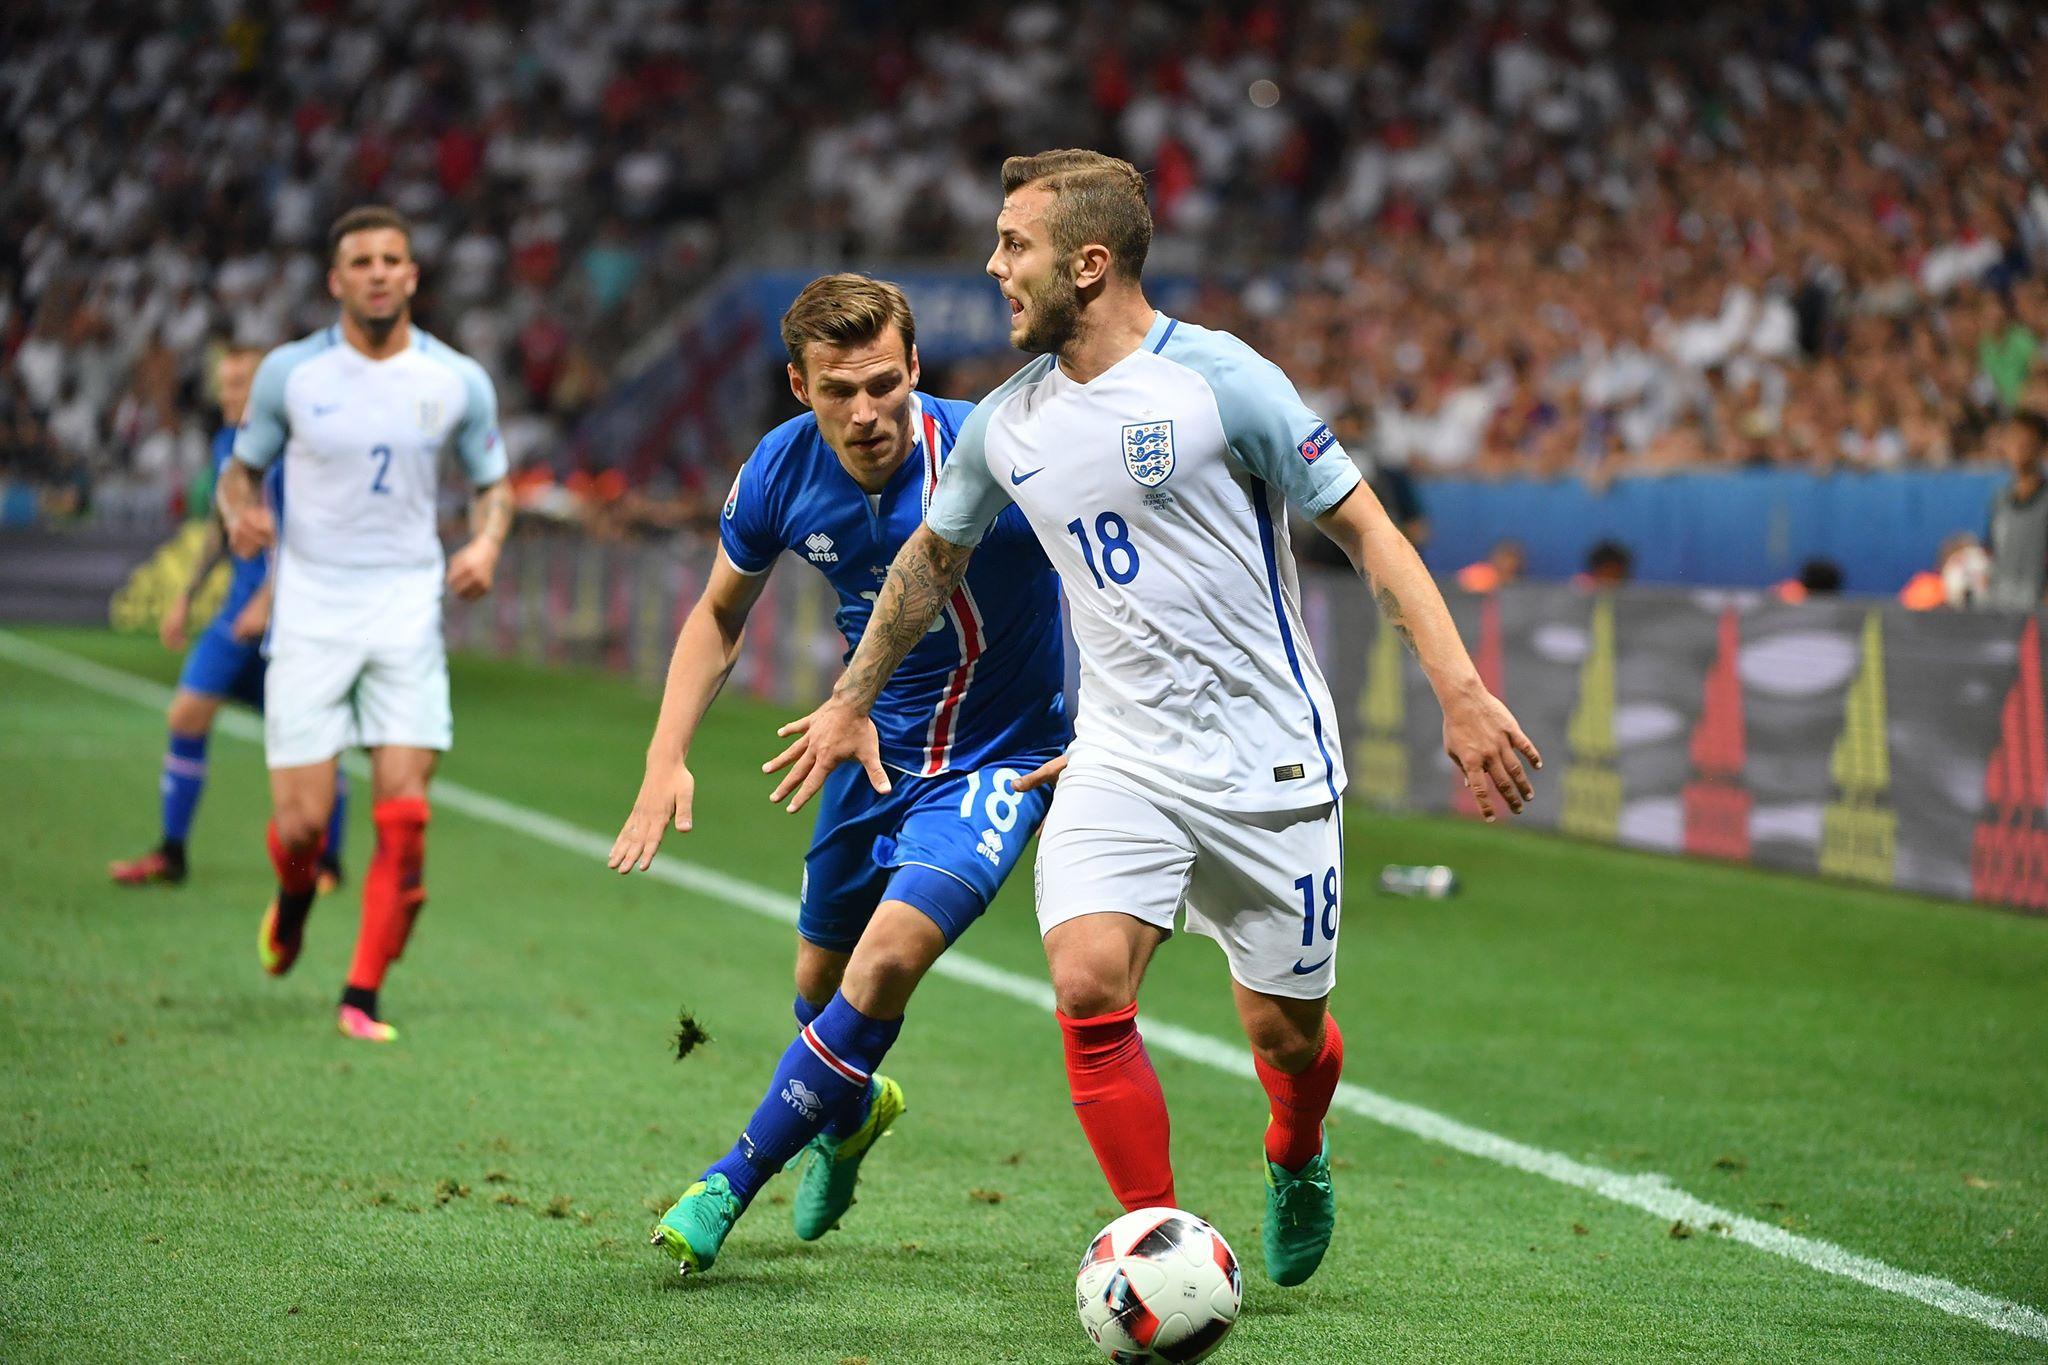 Jack Wilshere against Iceland. Image: PA